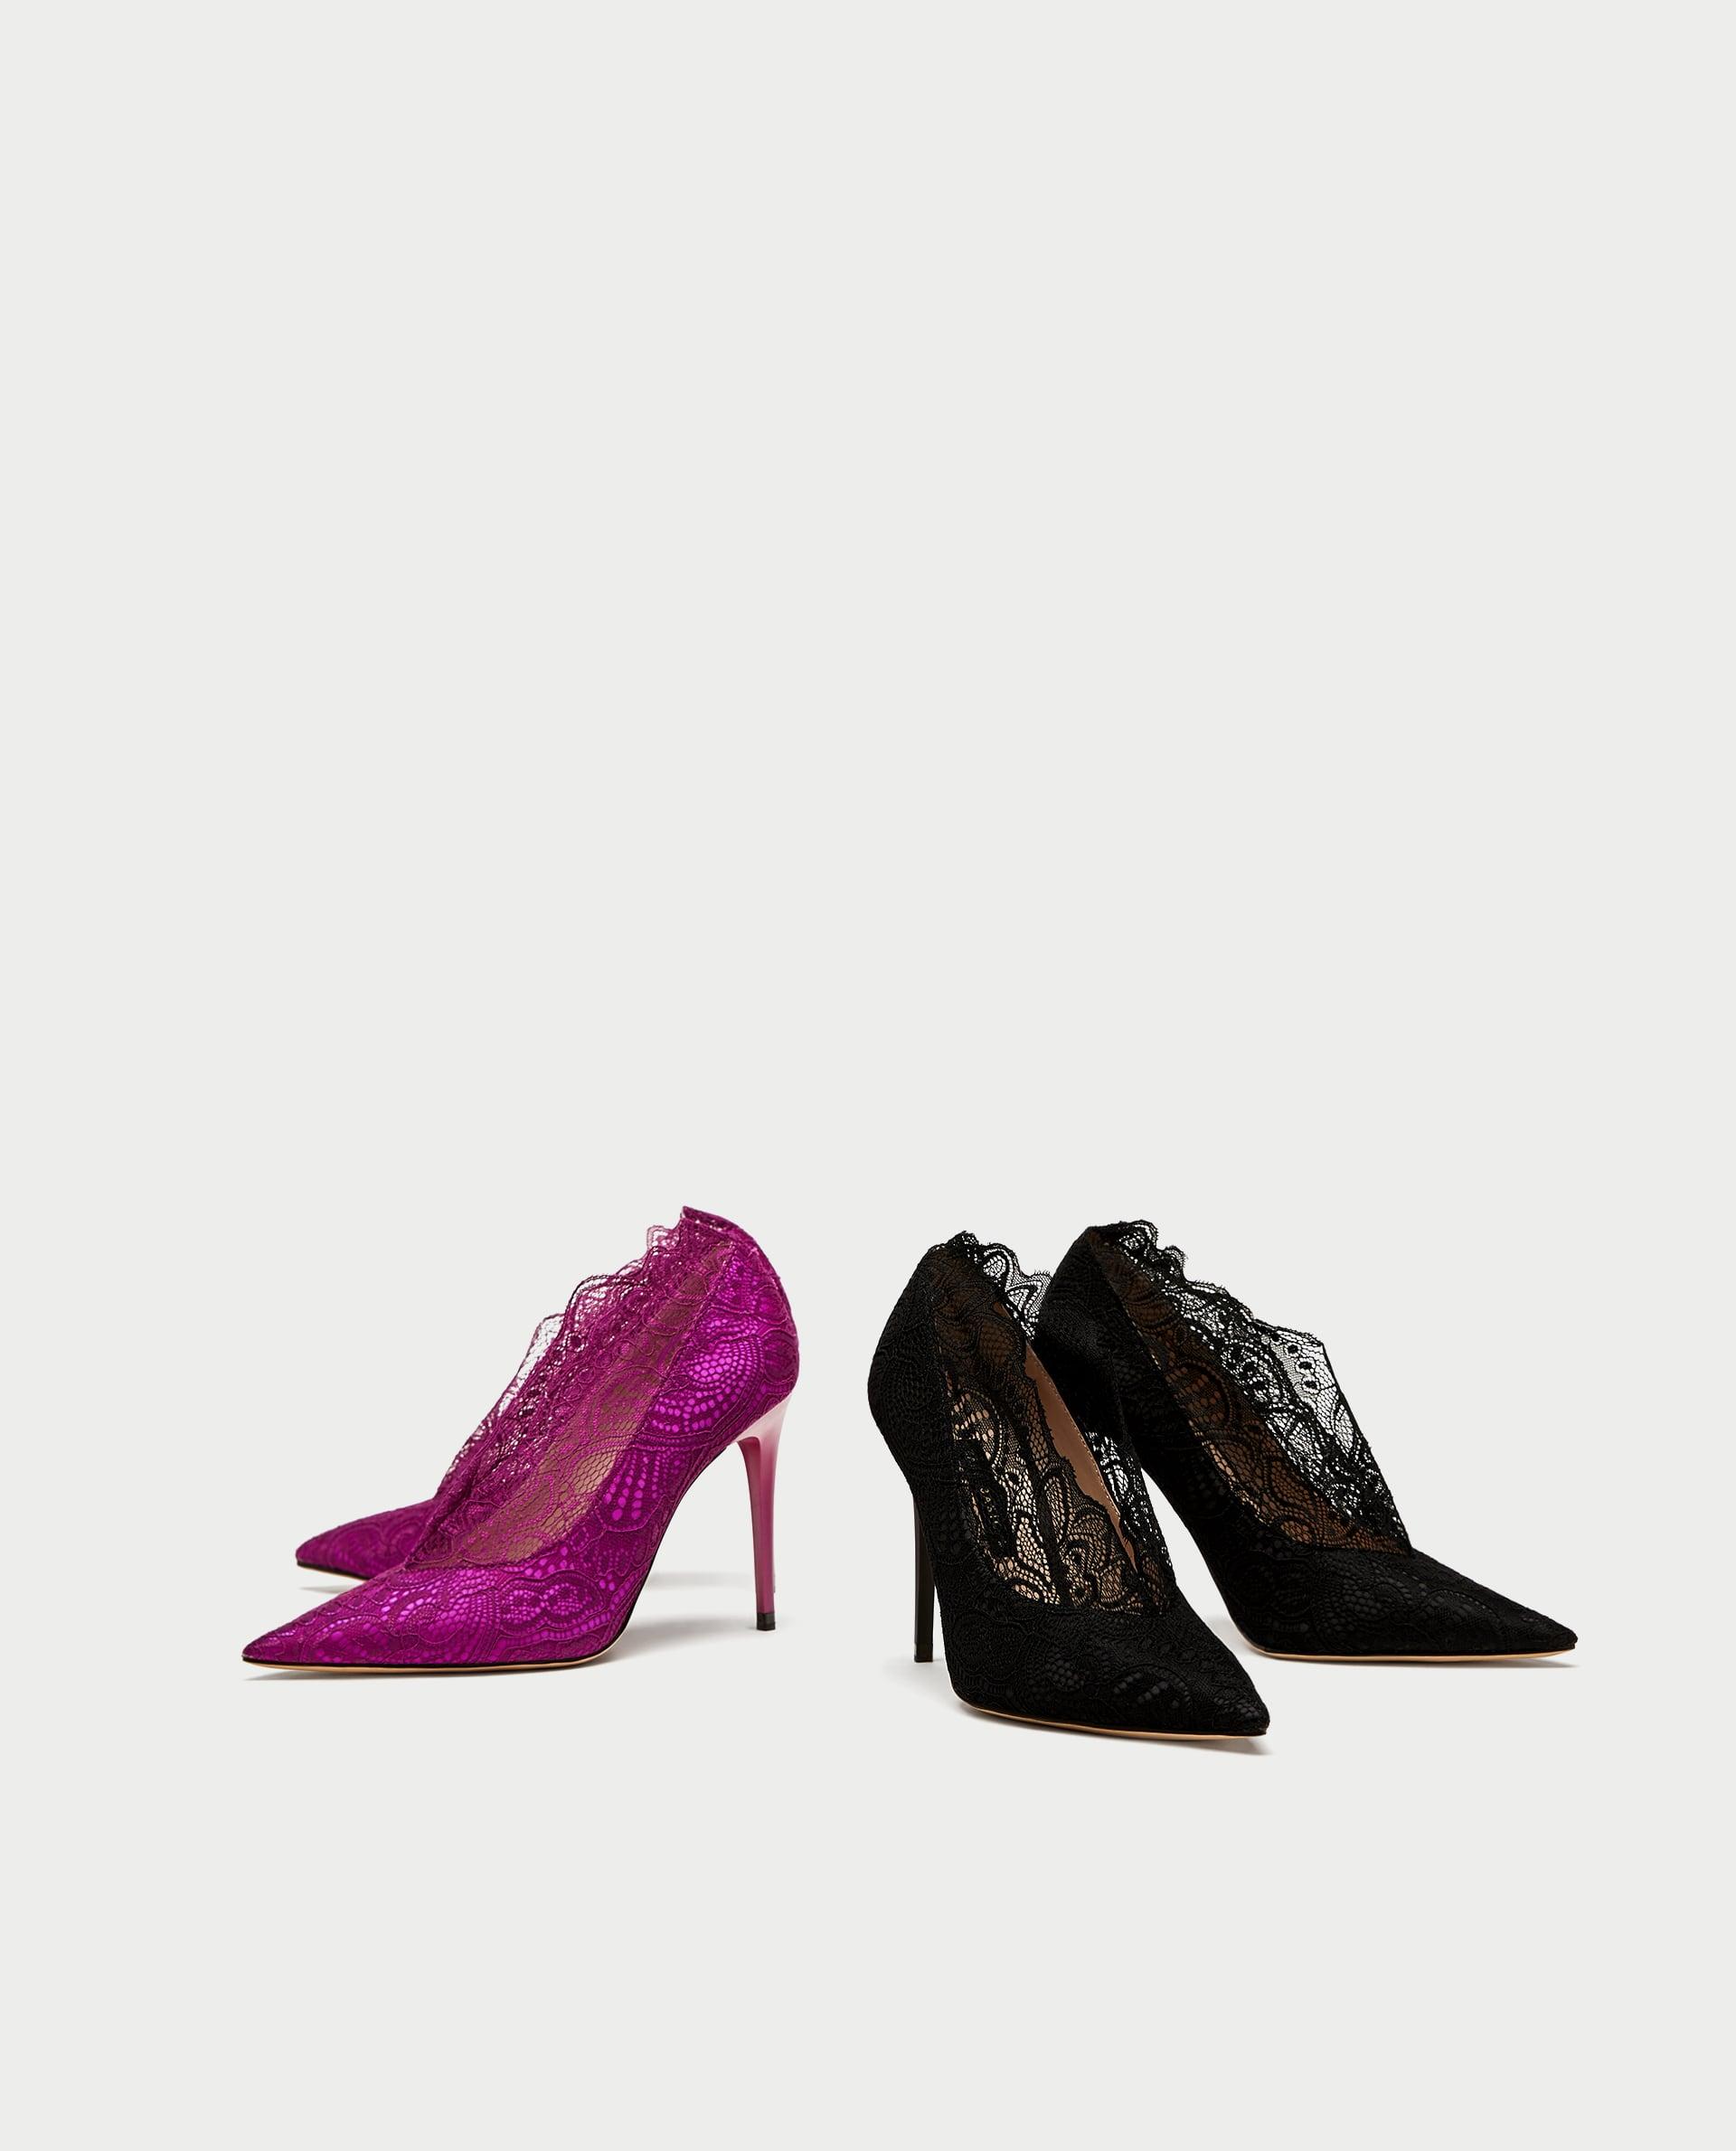 scarpe pizzo zara - Shoeplay Fashion blog di scarpe da donna 5b64d202763